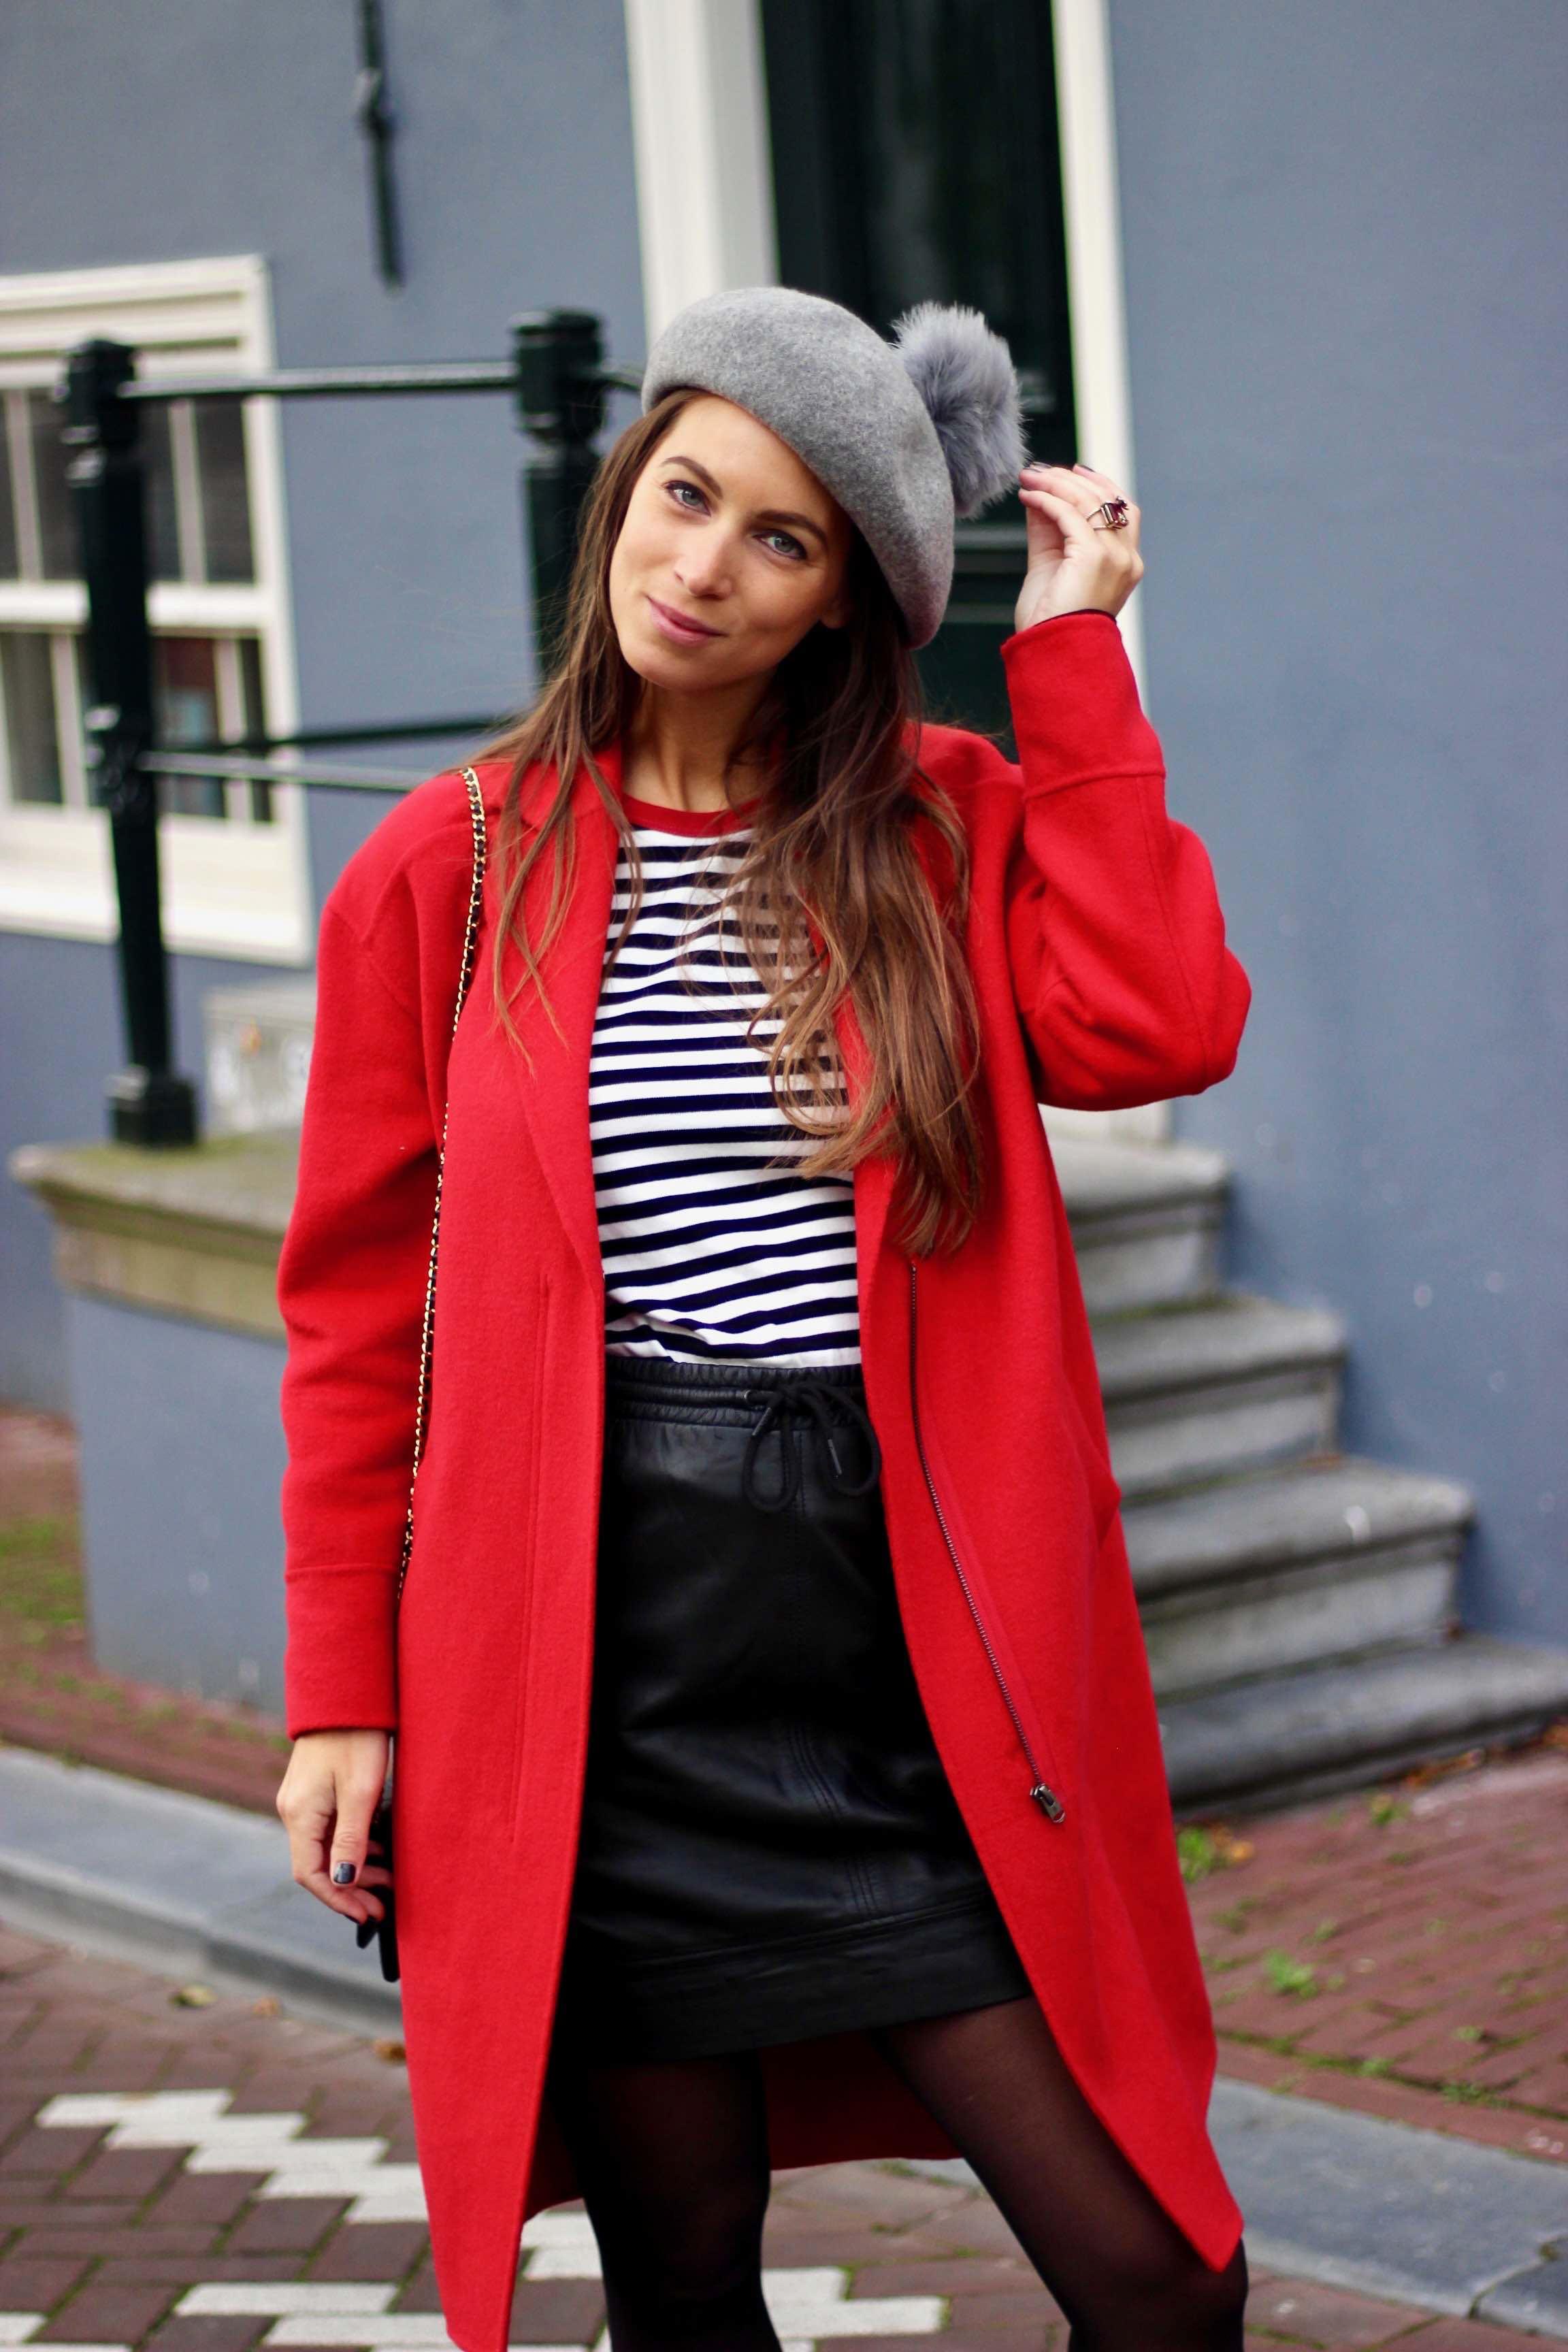 Rode Winterjas.Look Waarom Iedereen Een Rode Winterjas Zou Moeten Hebben Cotton